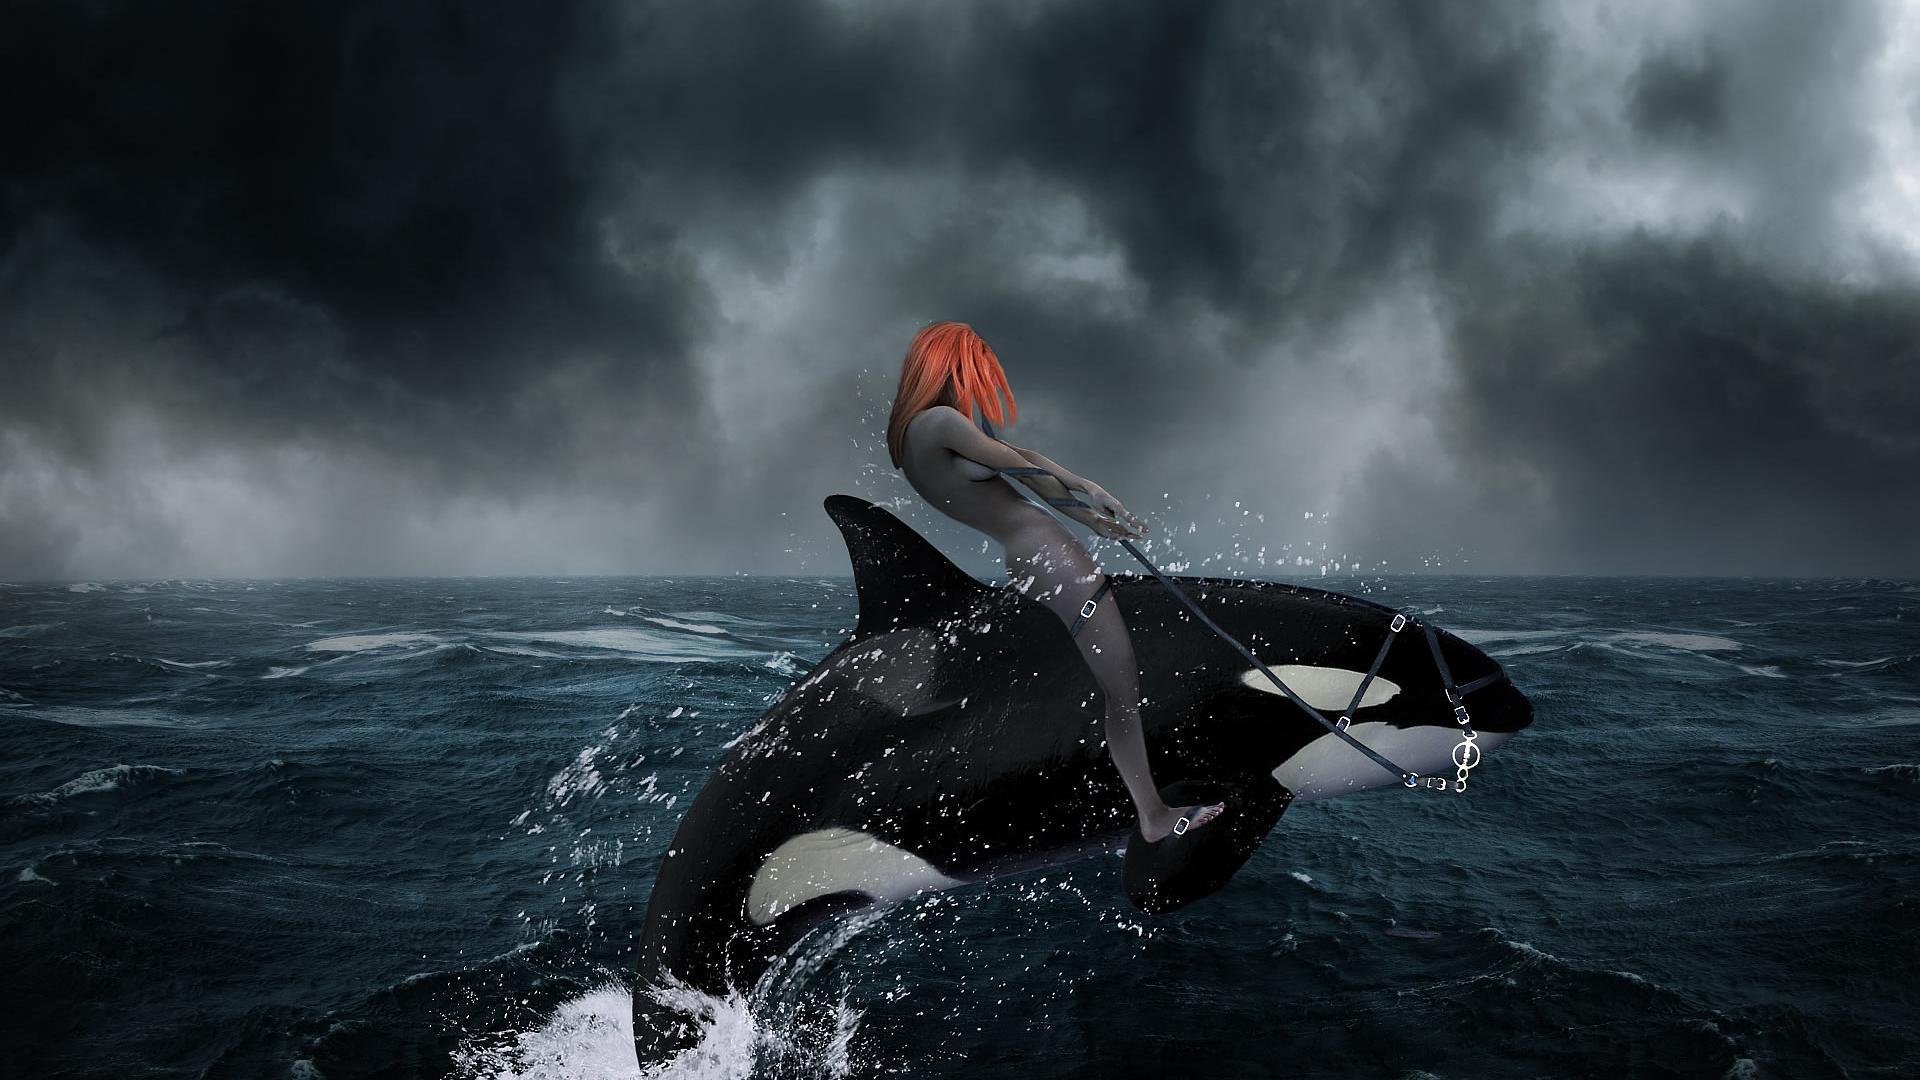 Killer whale HD 1920x1080 1920x1080